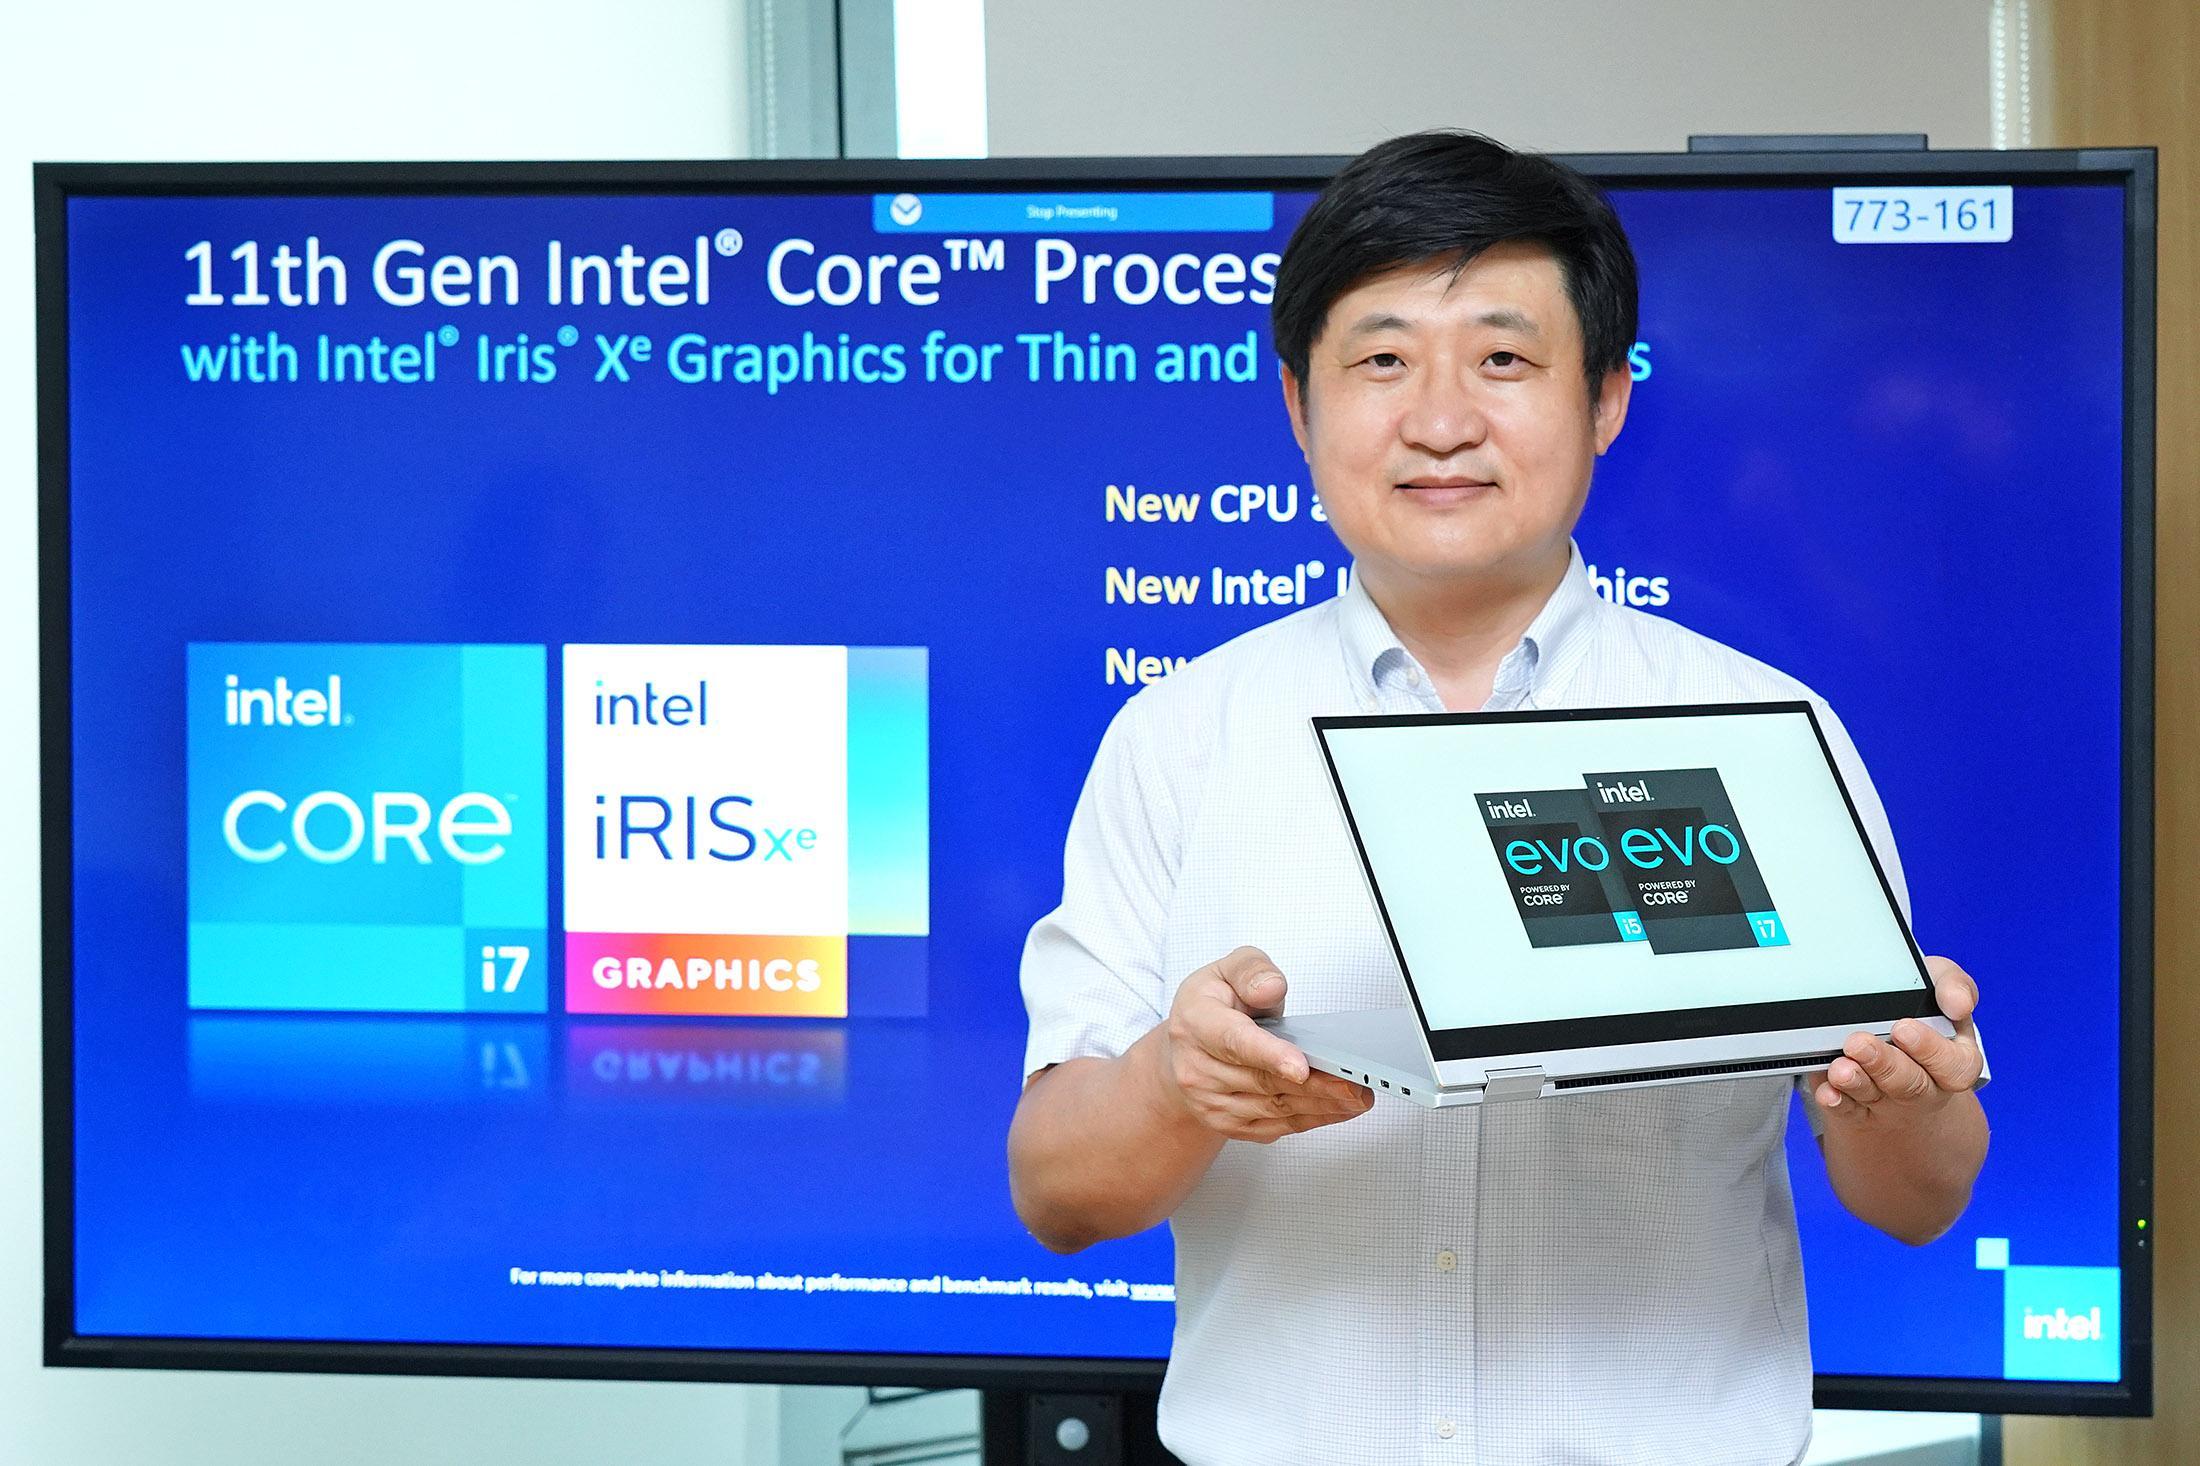 200903_Intel 11th Gen Core Processor_Thumbnail & Contents